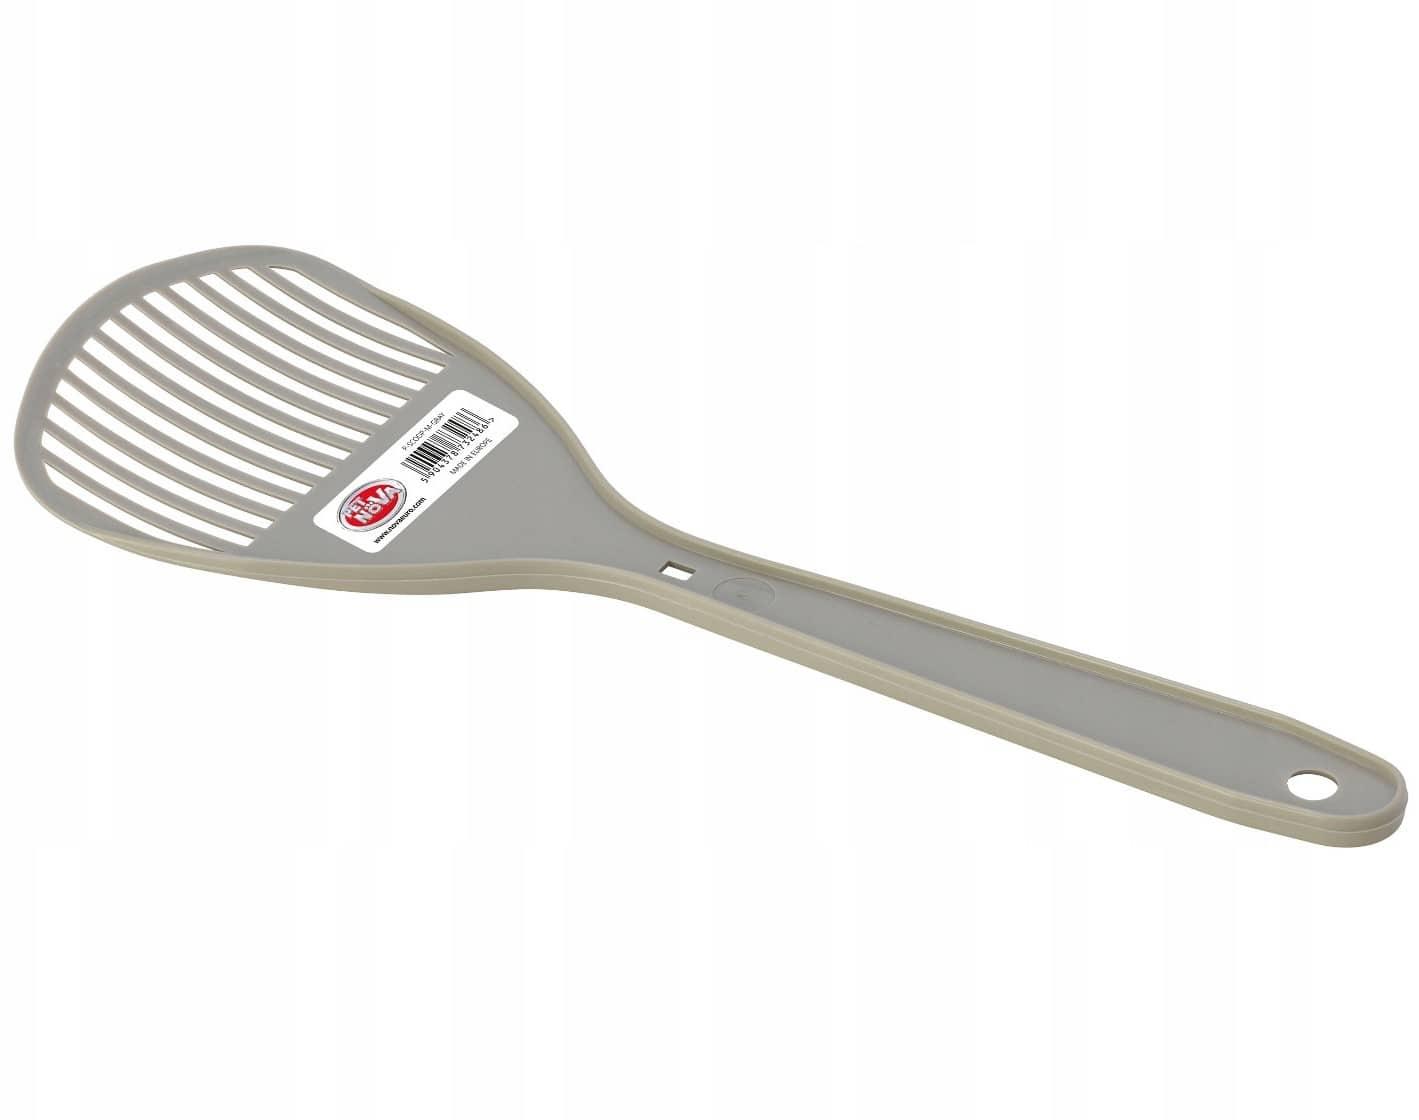 Łopatka do kuwety Pet Nova P-scoop-m-gray szara - 1 zdjęcie